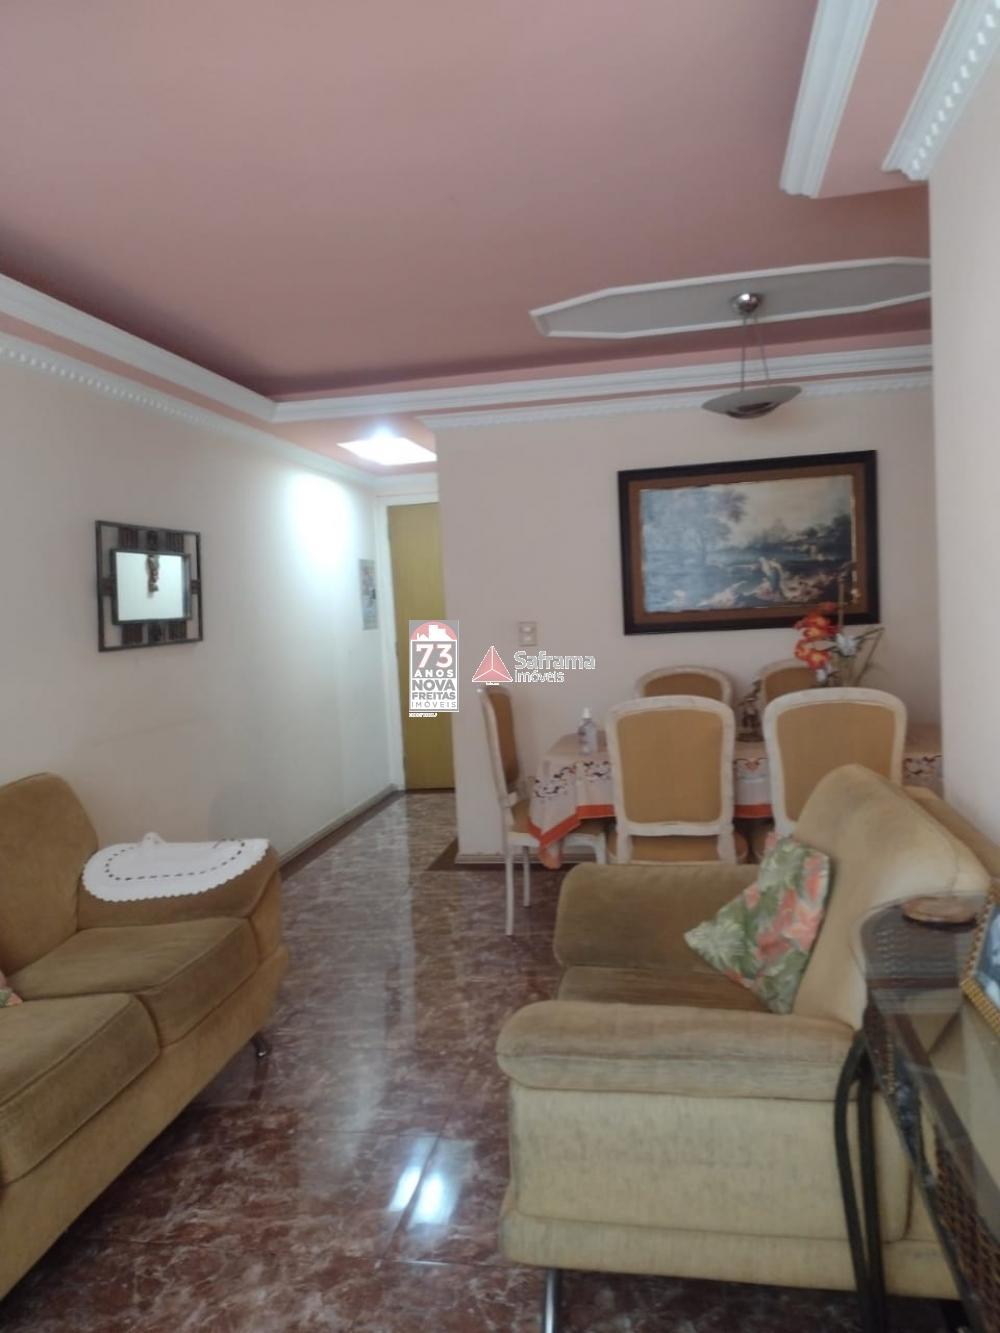 Comprar Apartamento / Padrão em São José dos Campos R$ 360.000,00 - Foto 2